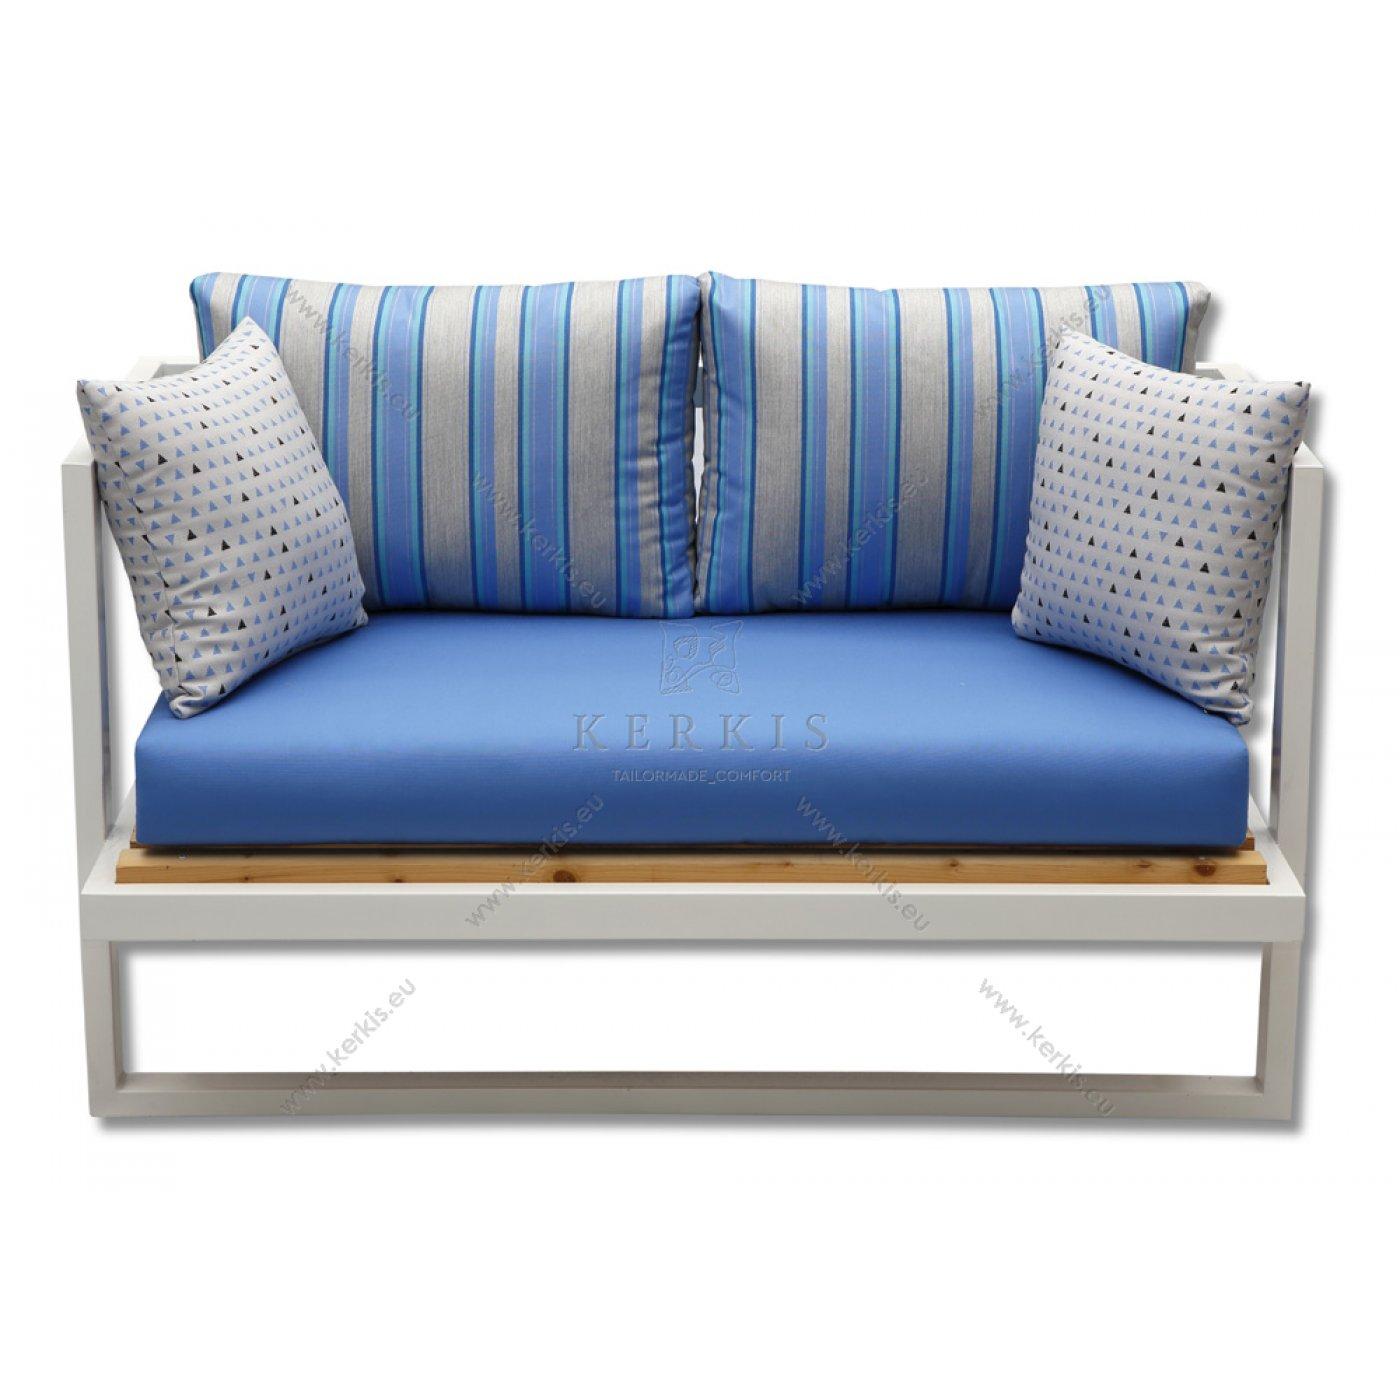 Μαξιλάρια καναπέ με υφάσματα εξωτερικών χώρων